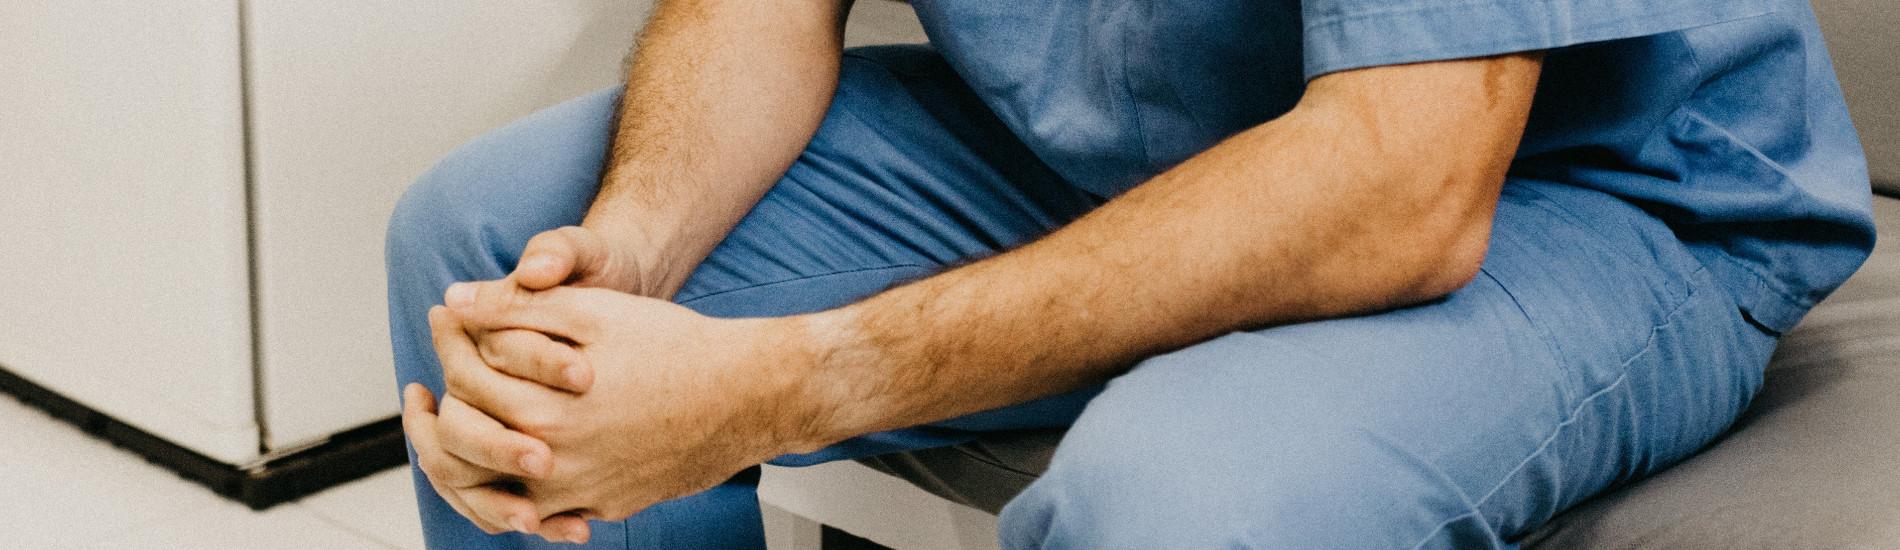 Klauzula sumienia – odmowa wykonania świadczeń zdrowotnych przez lekarza